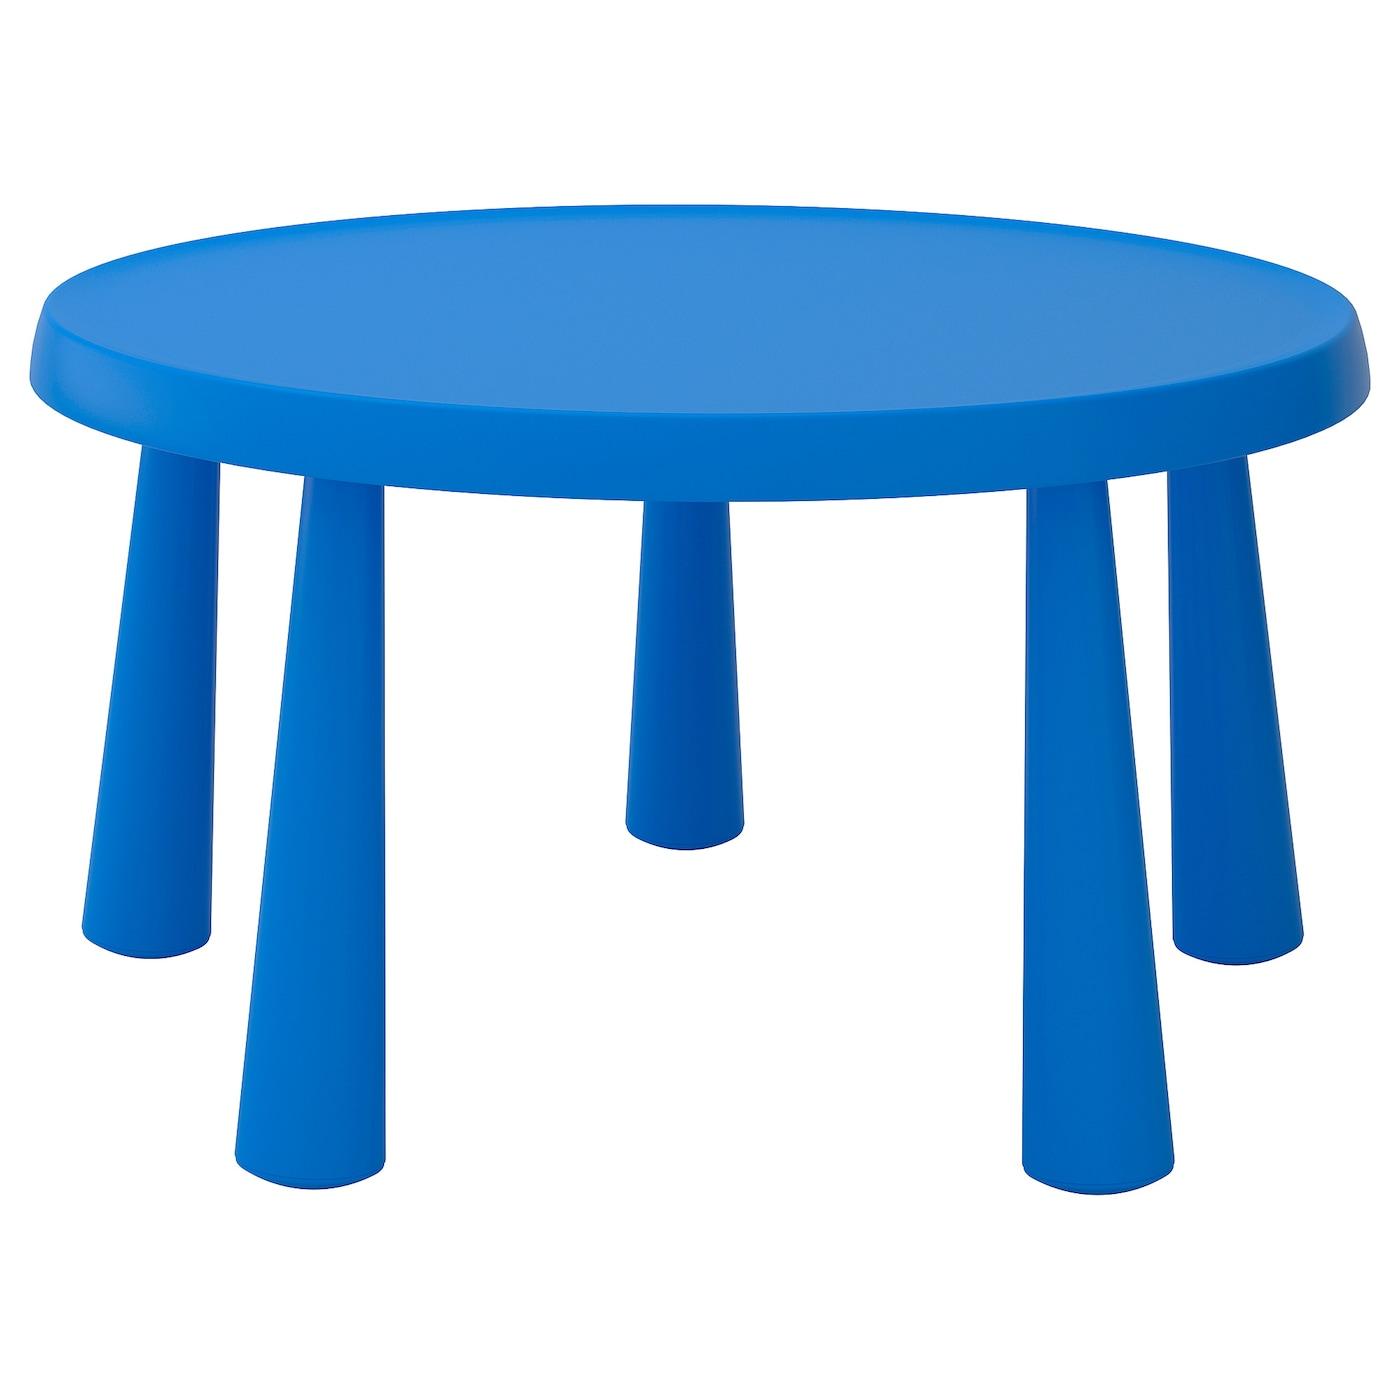 IKEA MAMMUT niebieski, okrągły stolik dziecięcy, do wewnątrz lub na zewnątrz, średnica 85 cm